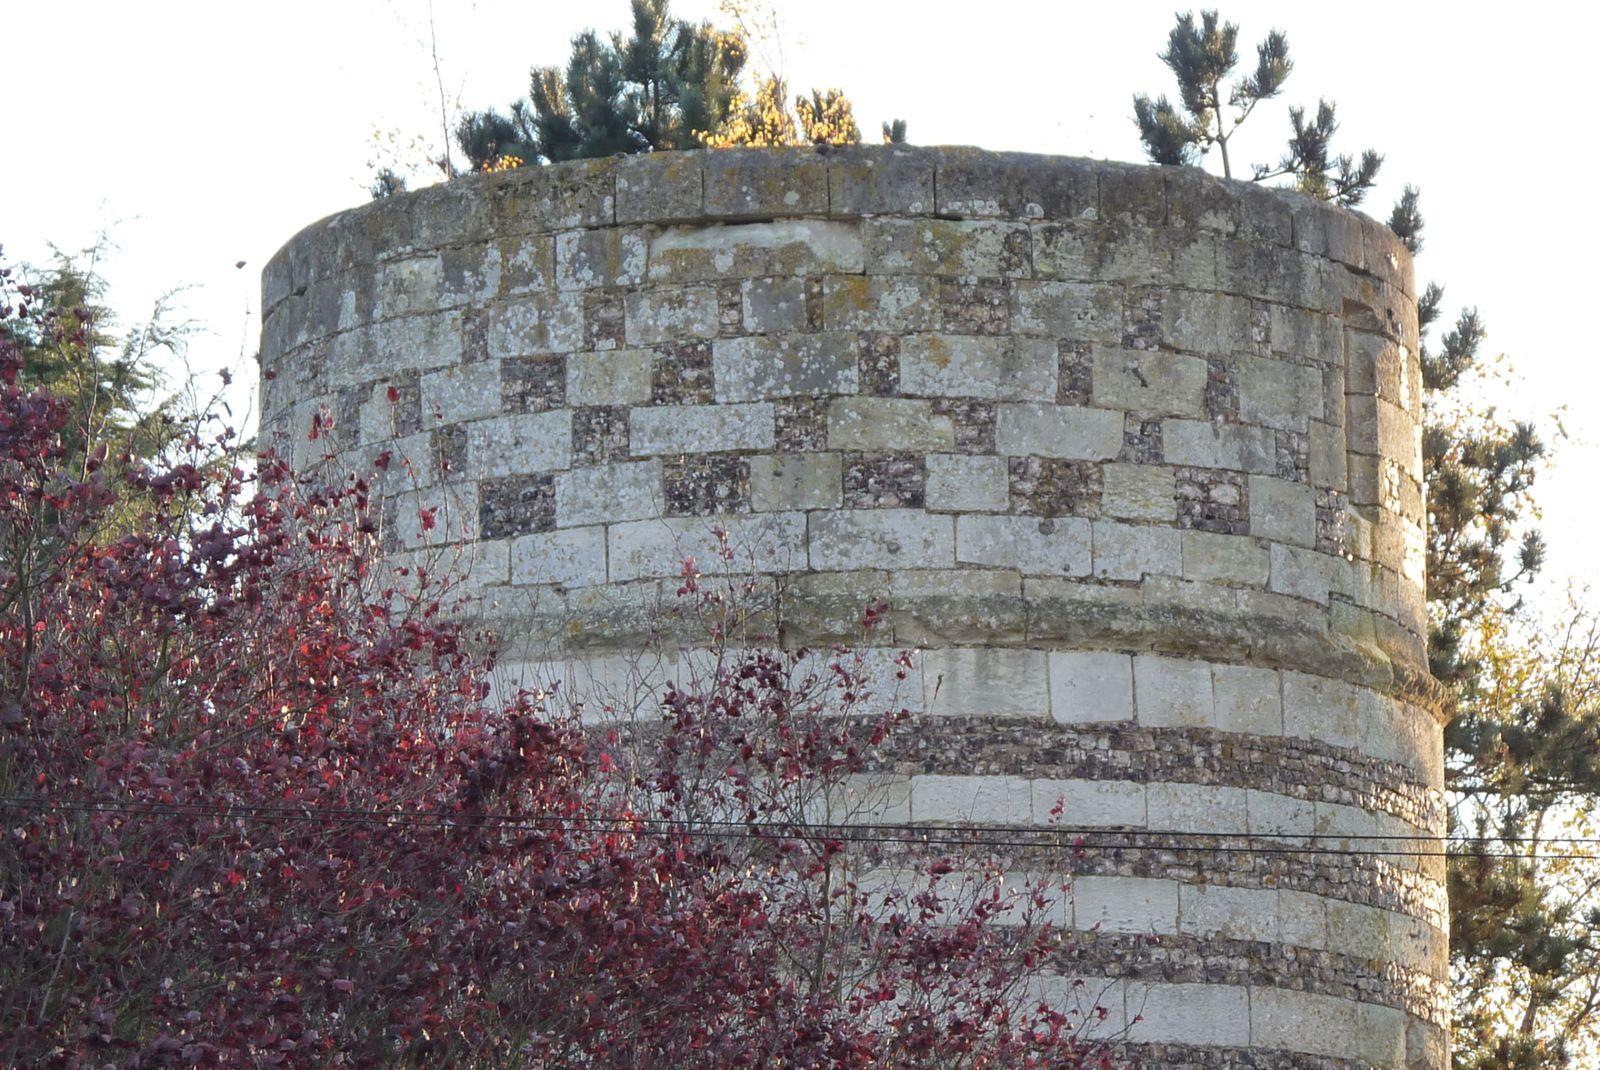 Détail de l'appareillage du niveau supérieur de la tour du moulin (cliché Armand Launay, novembre 2013).